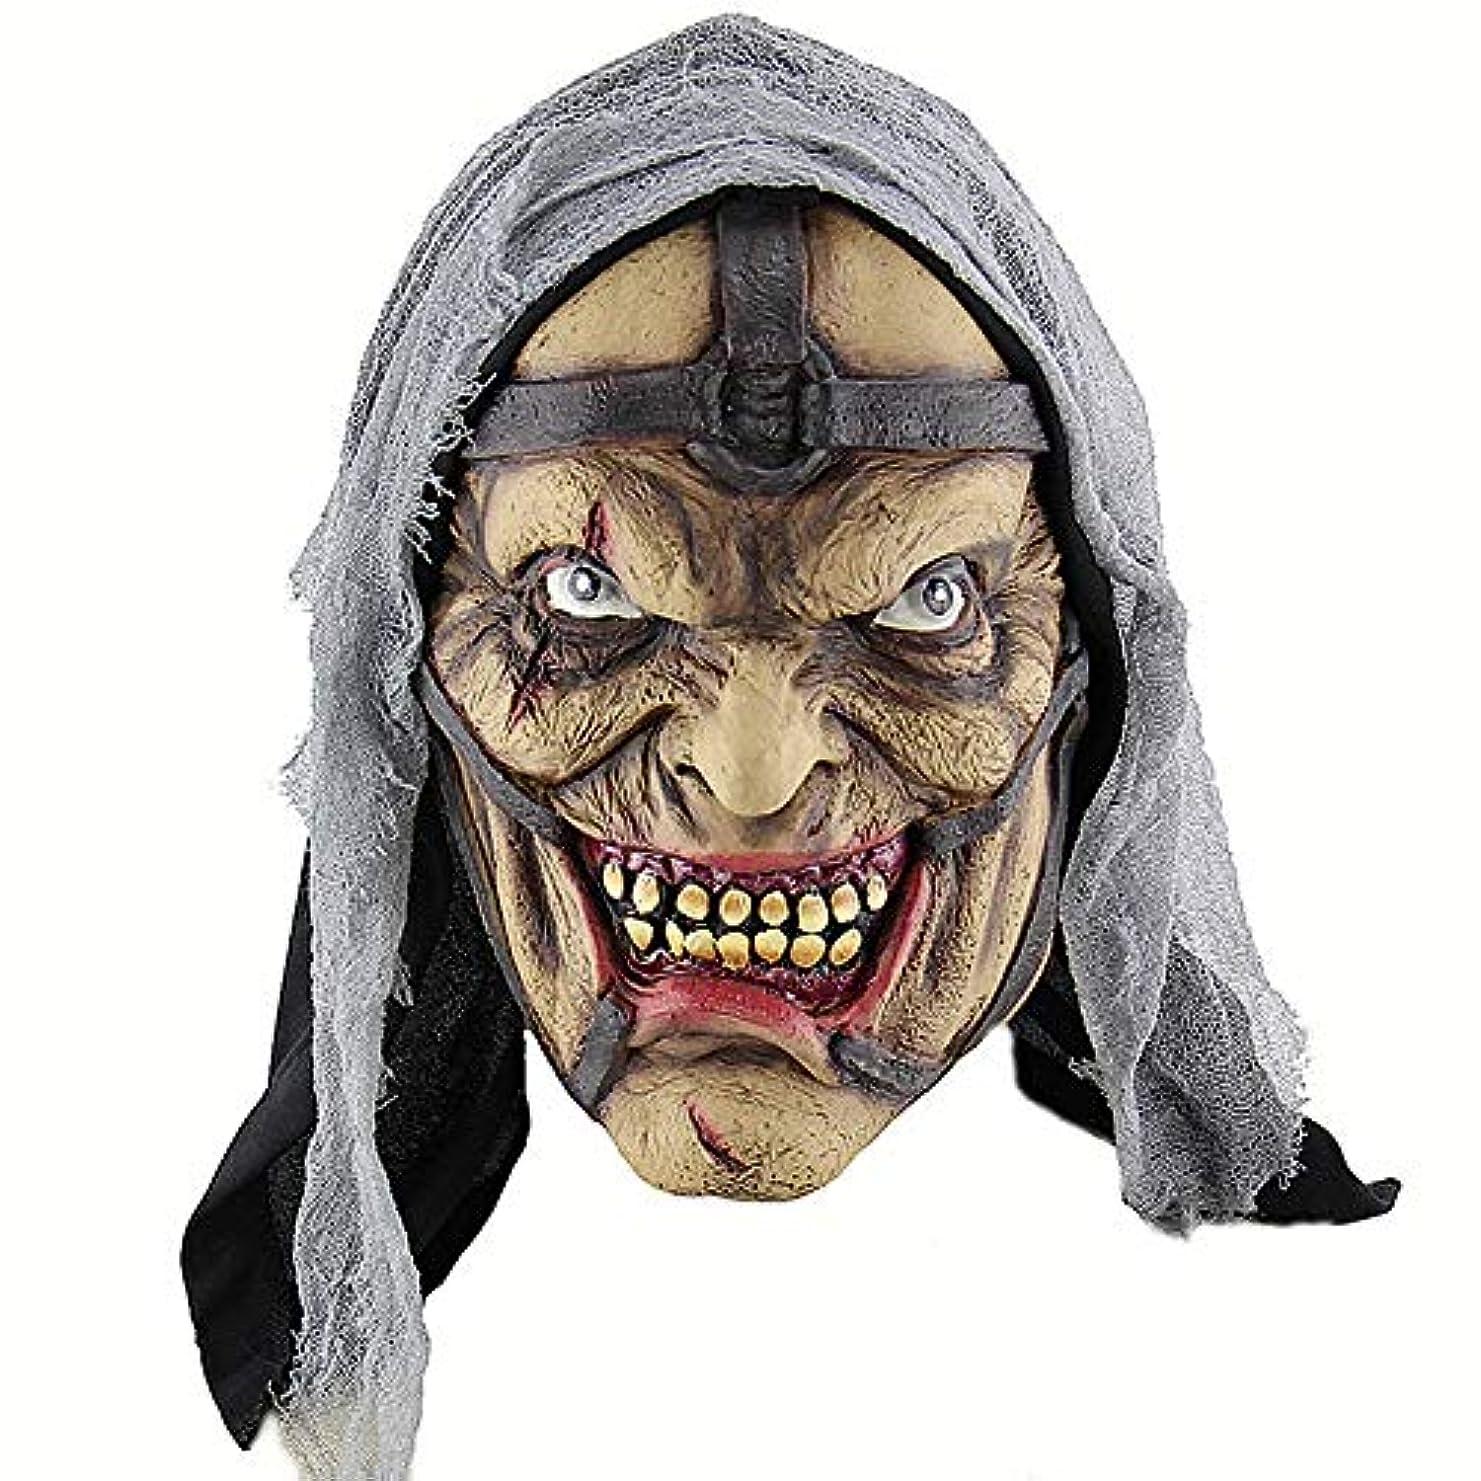 オーバードローシャイベアリングサークルヘッドギアハロウィーンホラー魔女ポン引きモンスターマスクラテックスゴーストマスクヘッドギア頭囲65cm以下